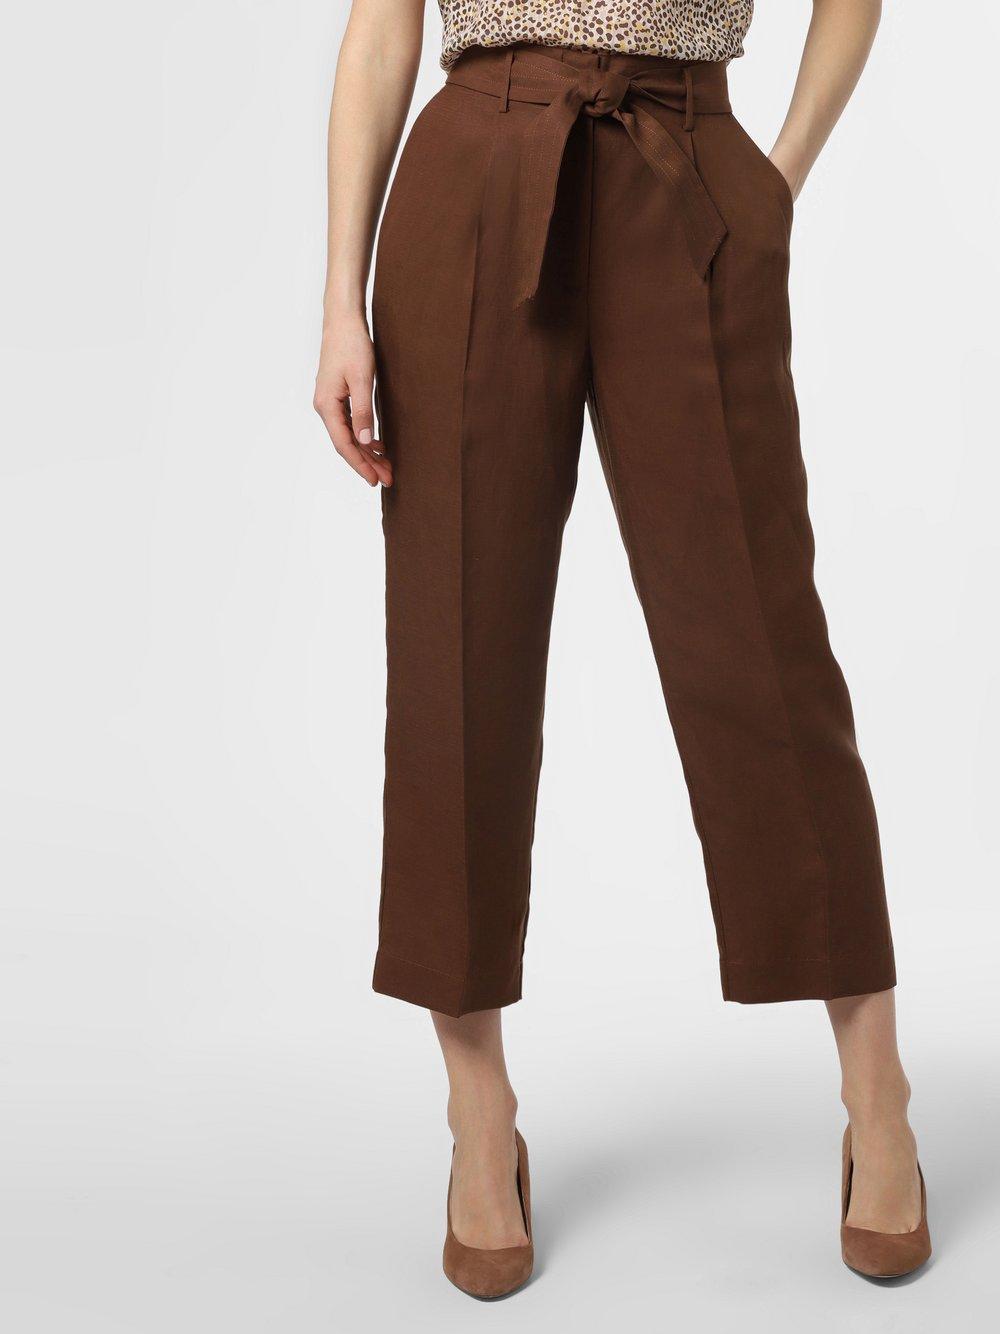 IPURI - Spodnie damskie z dodatkiem lnu, brązowy